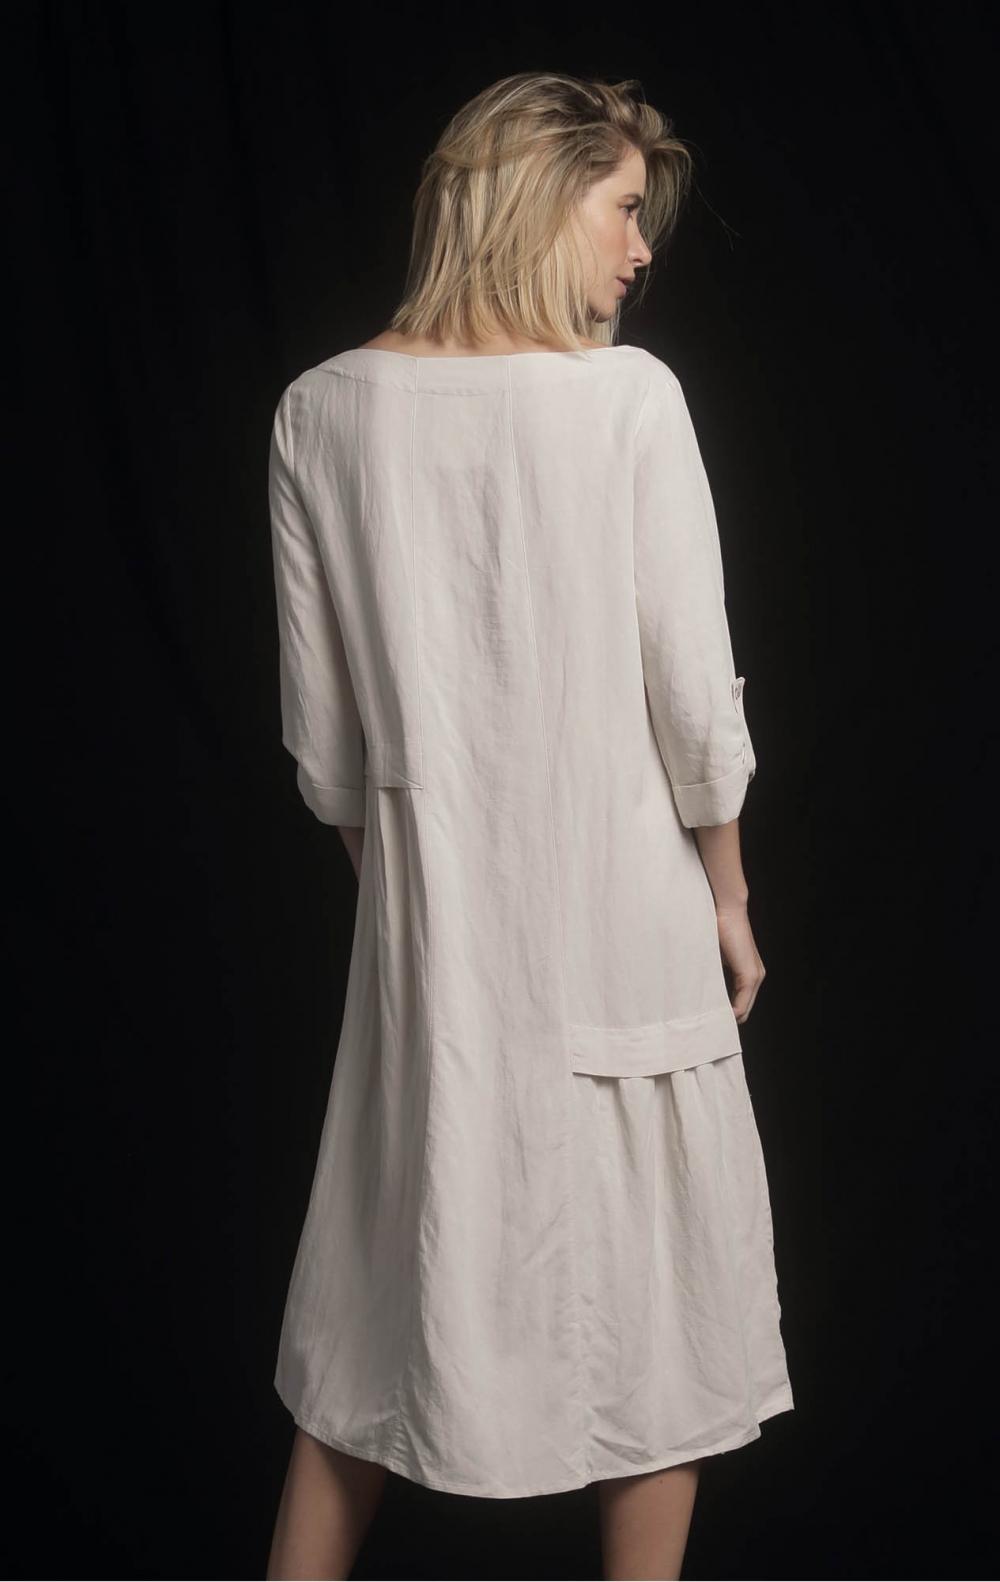 Vestido Linho Recortes Areia  - Foto 2